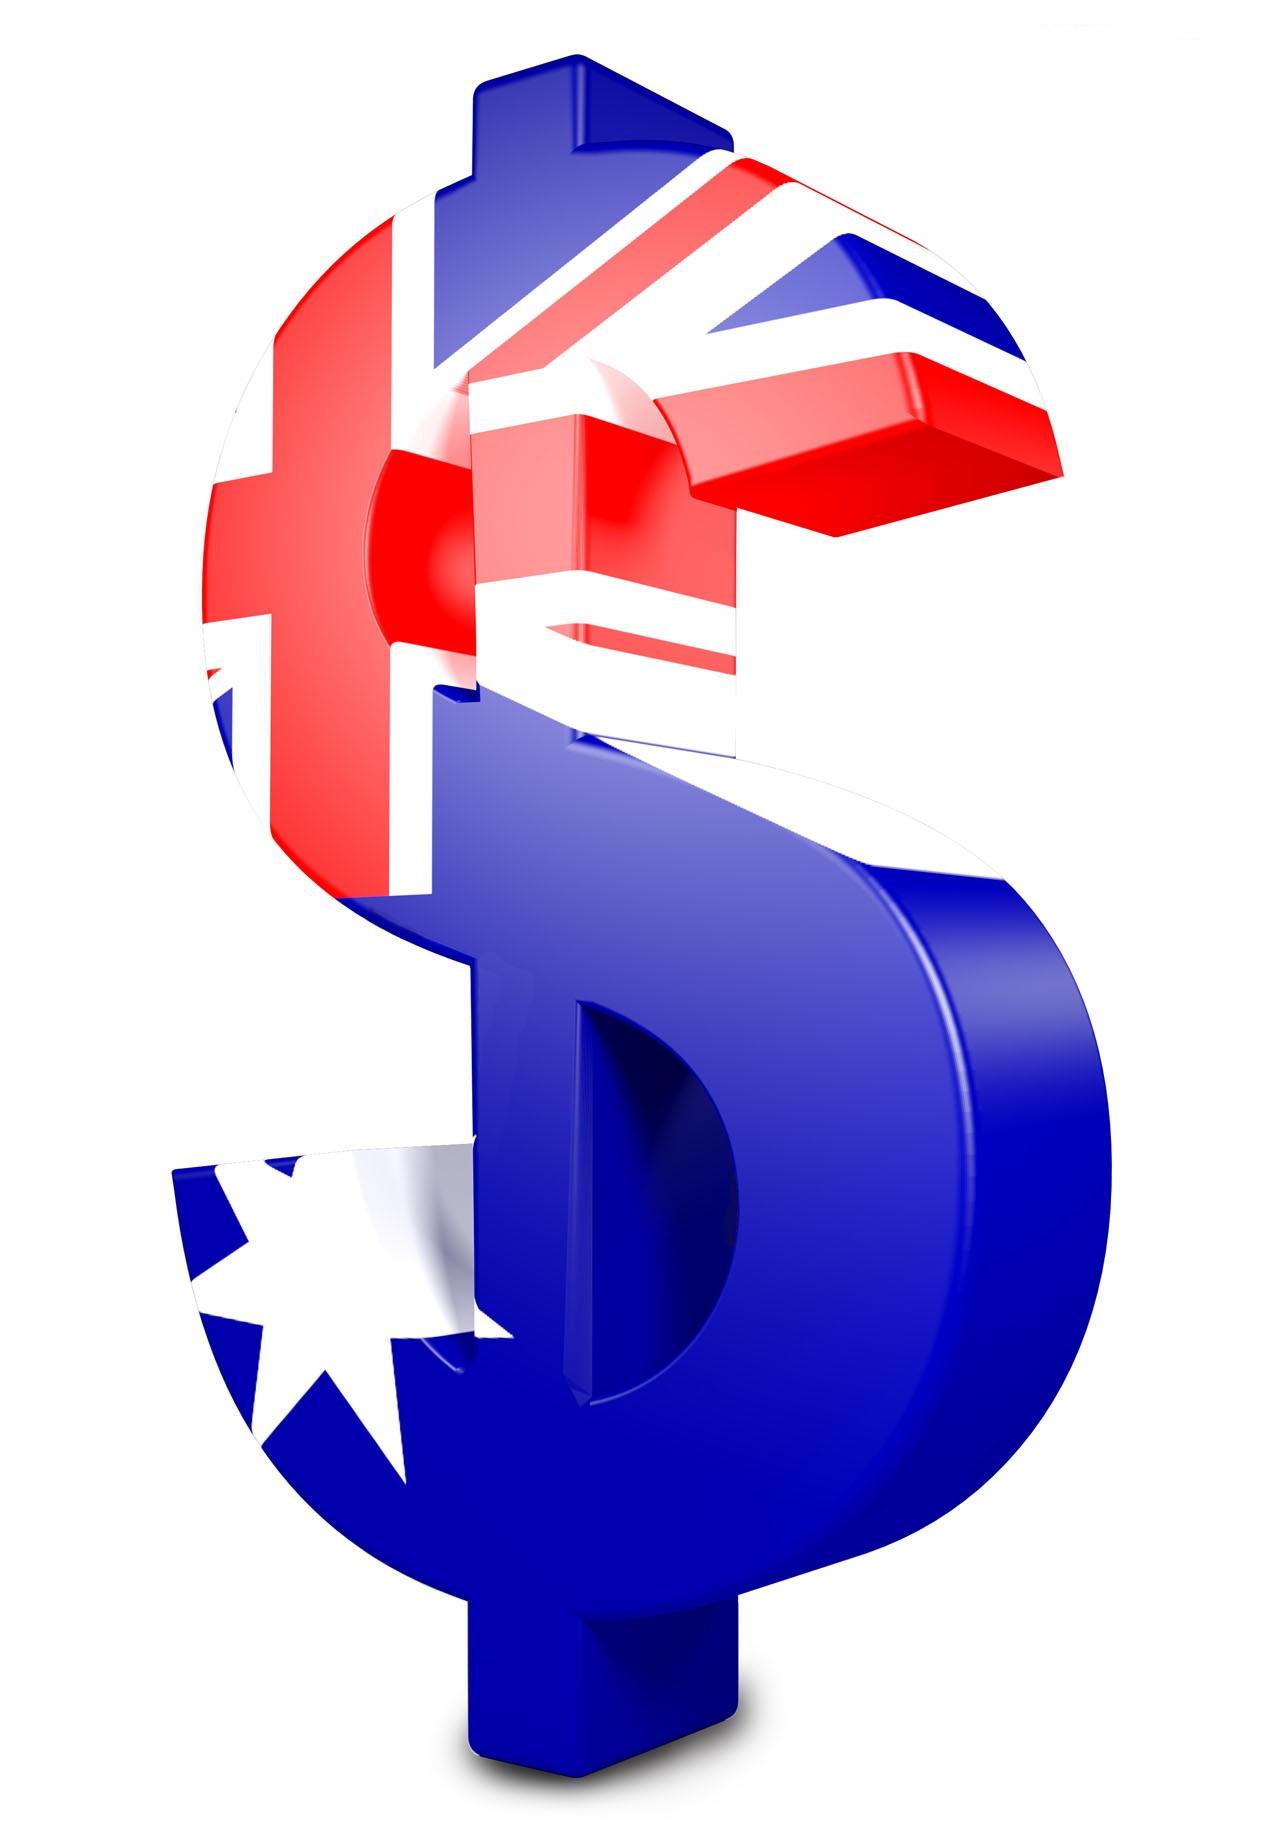 نظرة أساسية للدولار الاسترالي وتوقعات قرار الفائدة